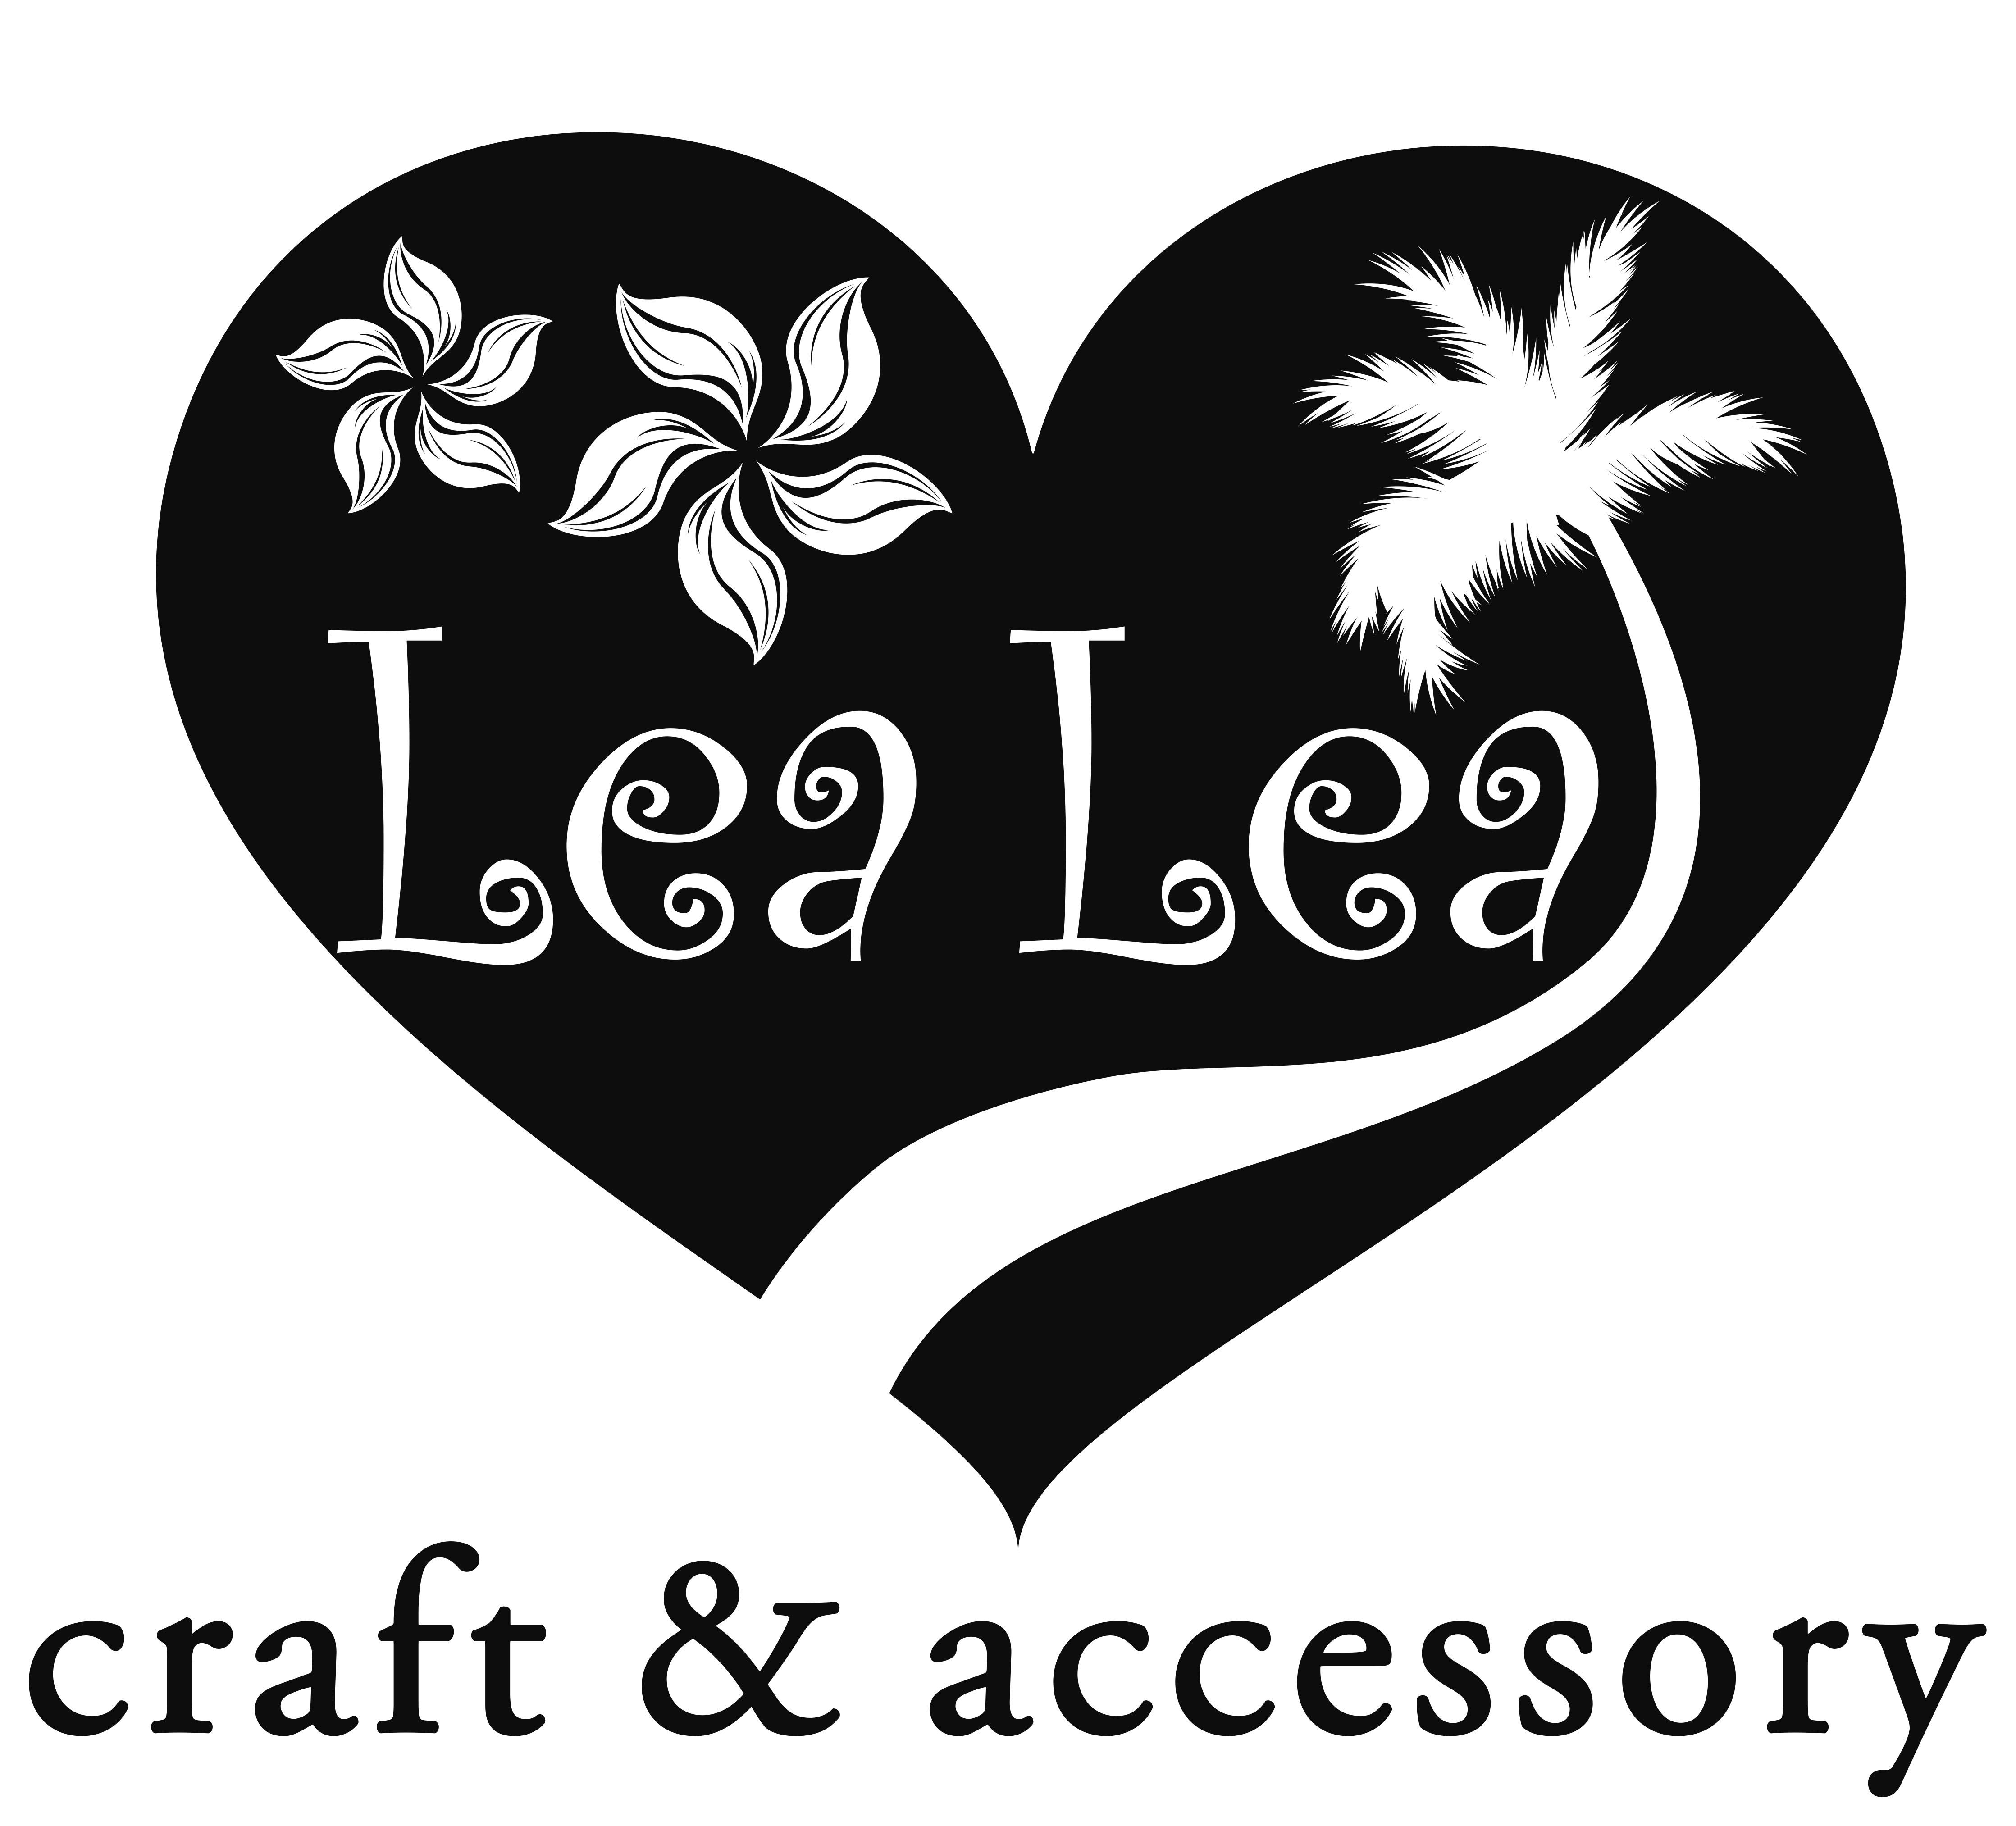 craft&accessory LeaLea